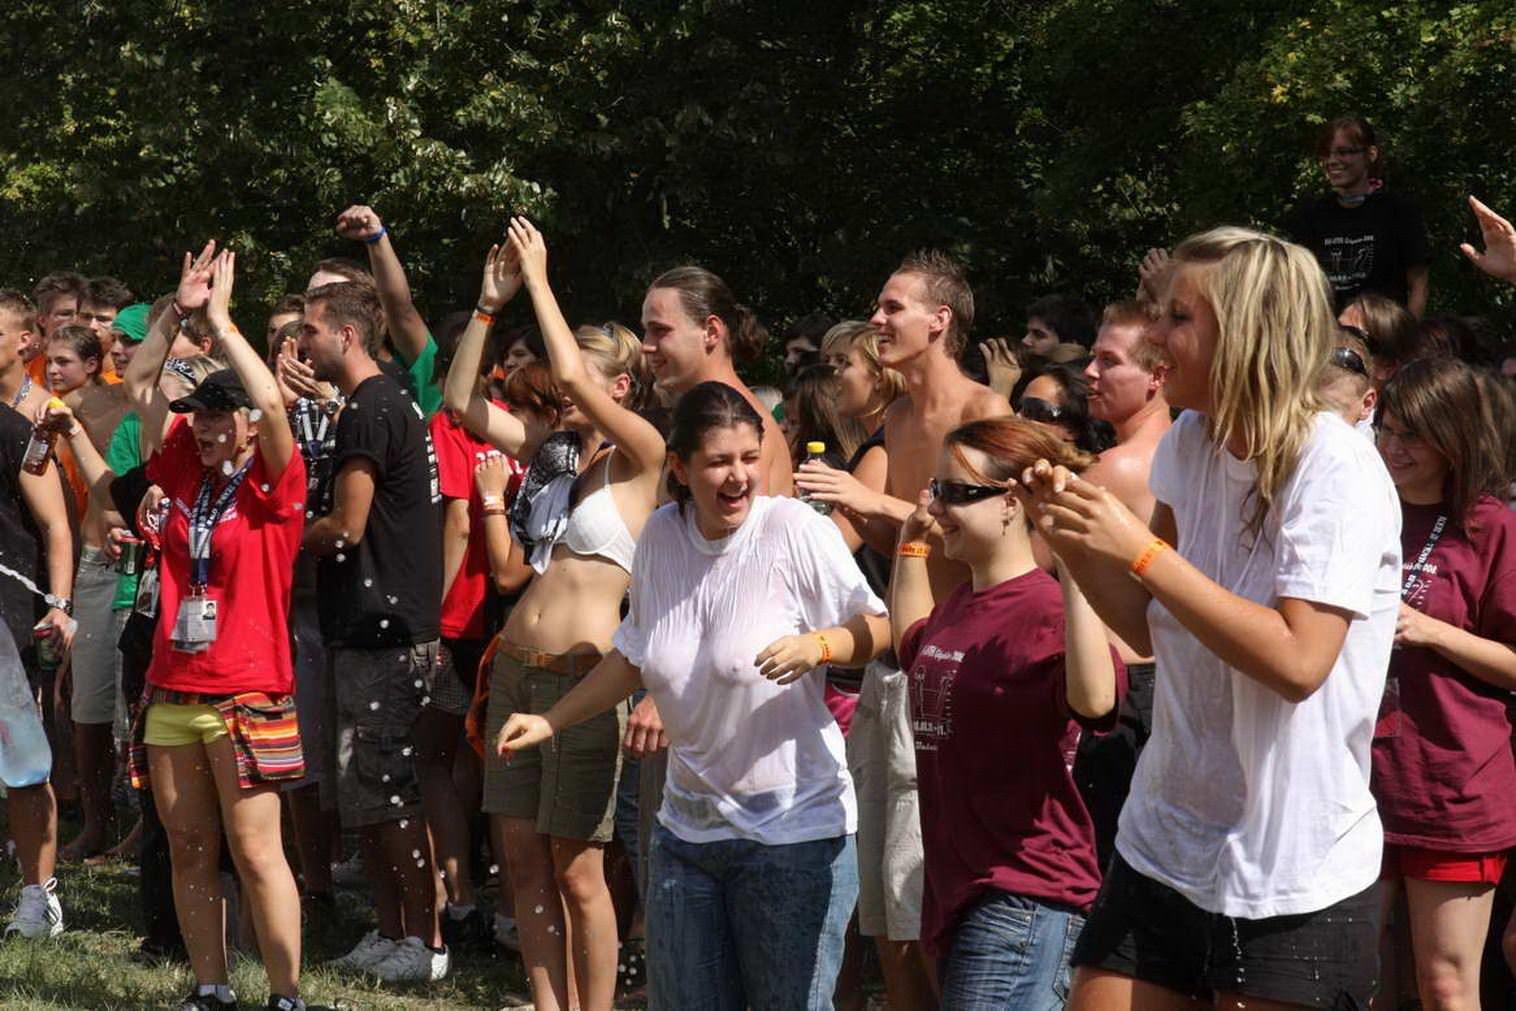 【外人】濡れTシャツフェスティバルで学生たちのおっぱいビショビショなポルノ画像 3367